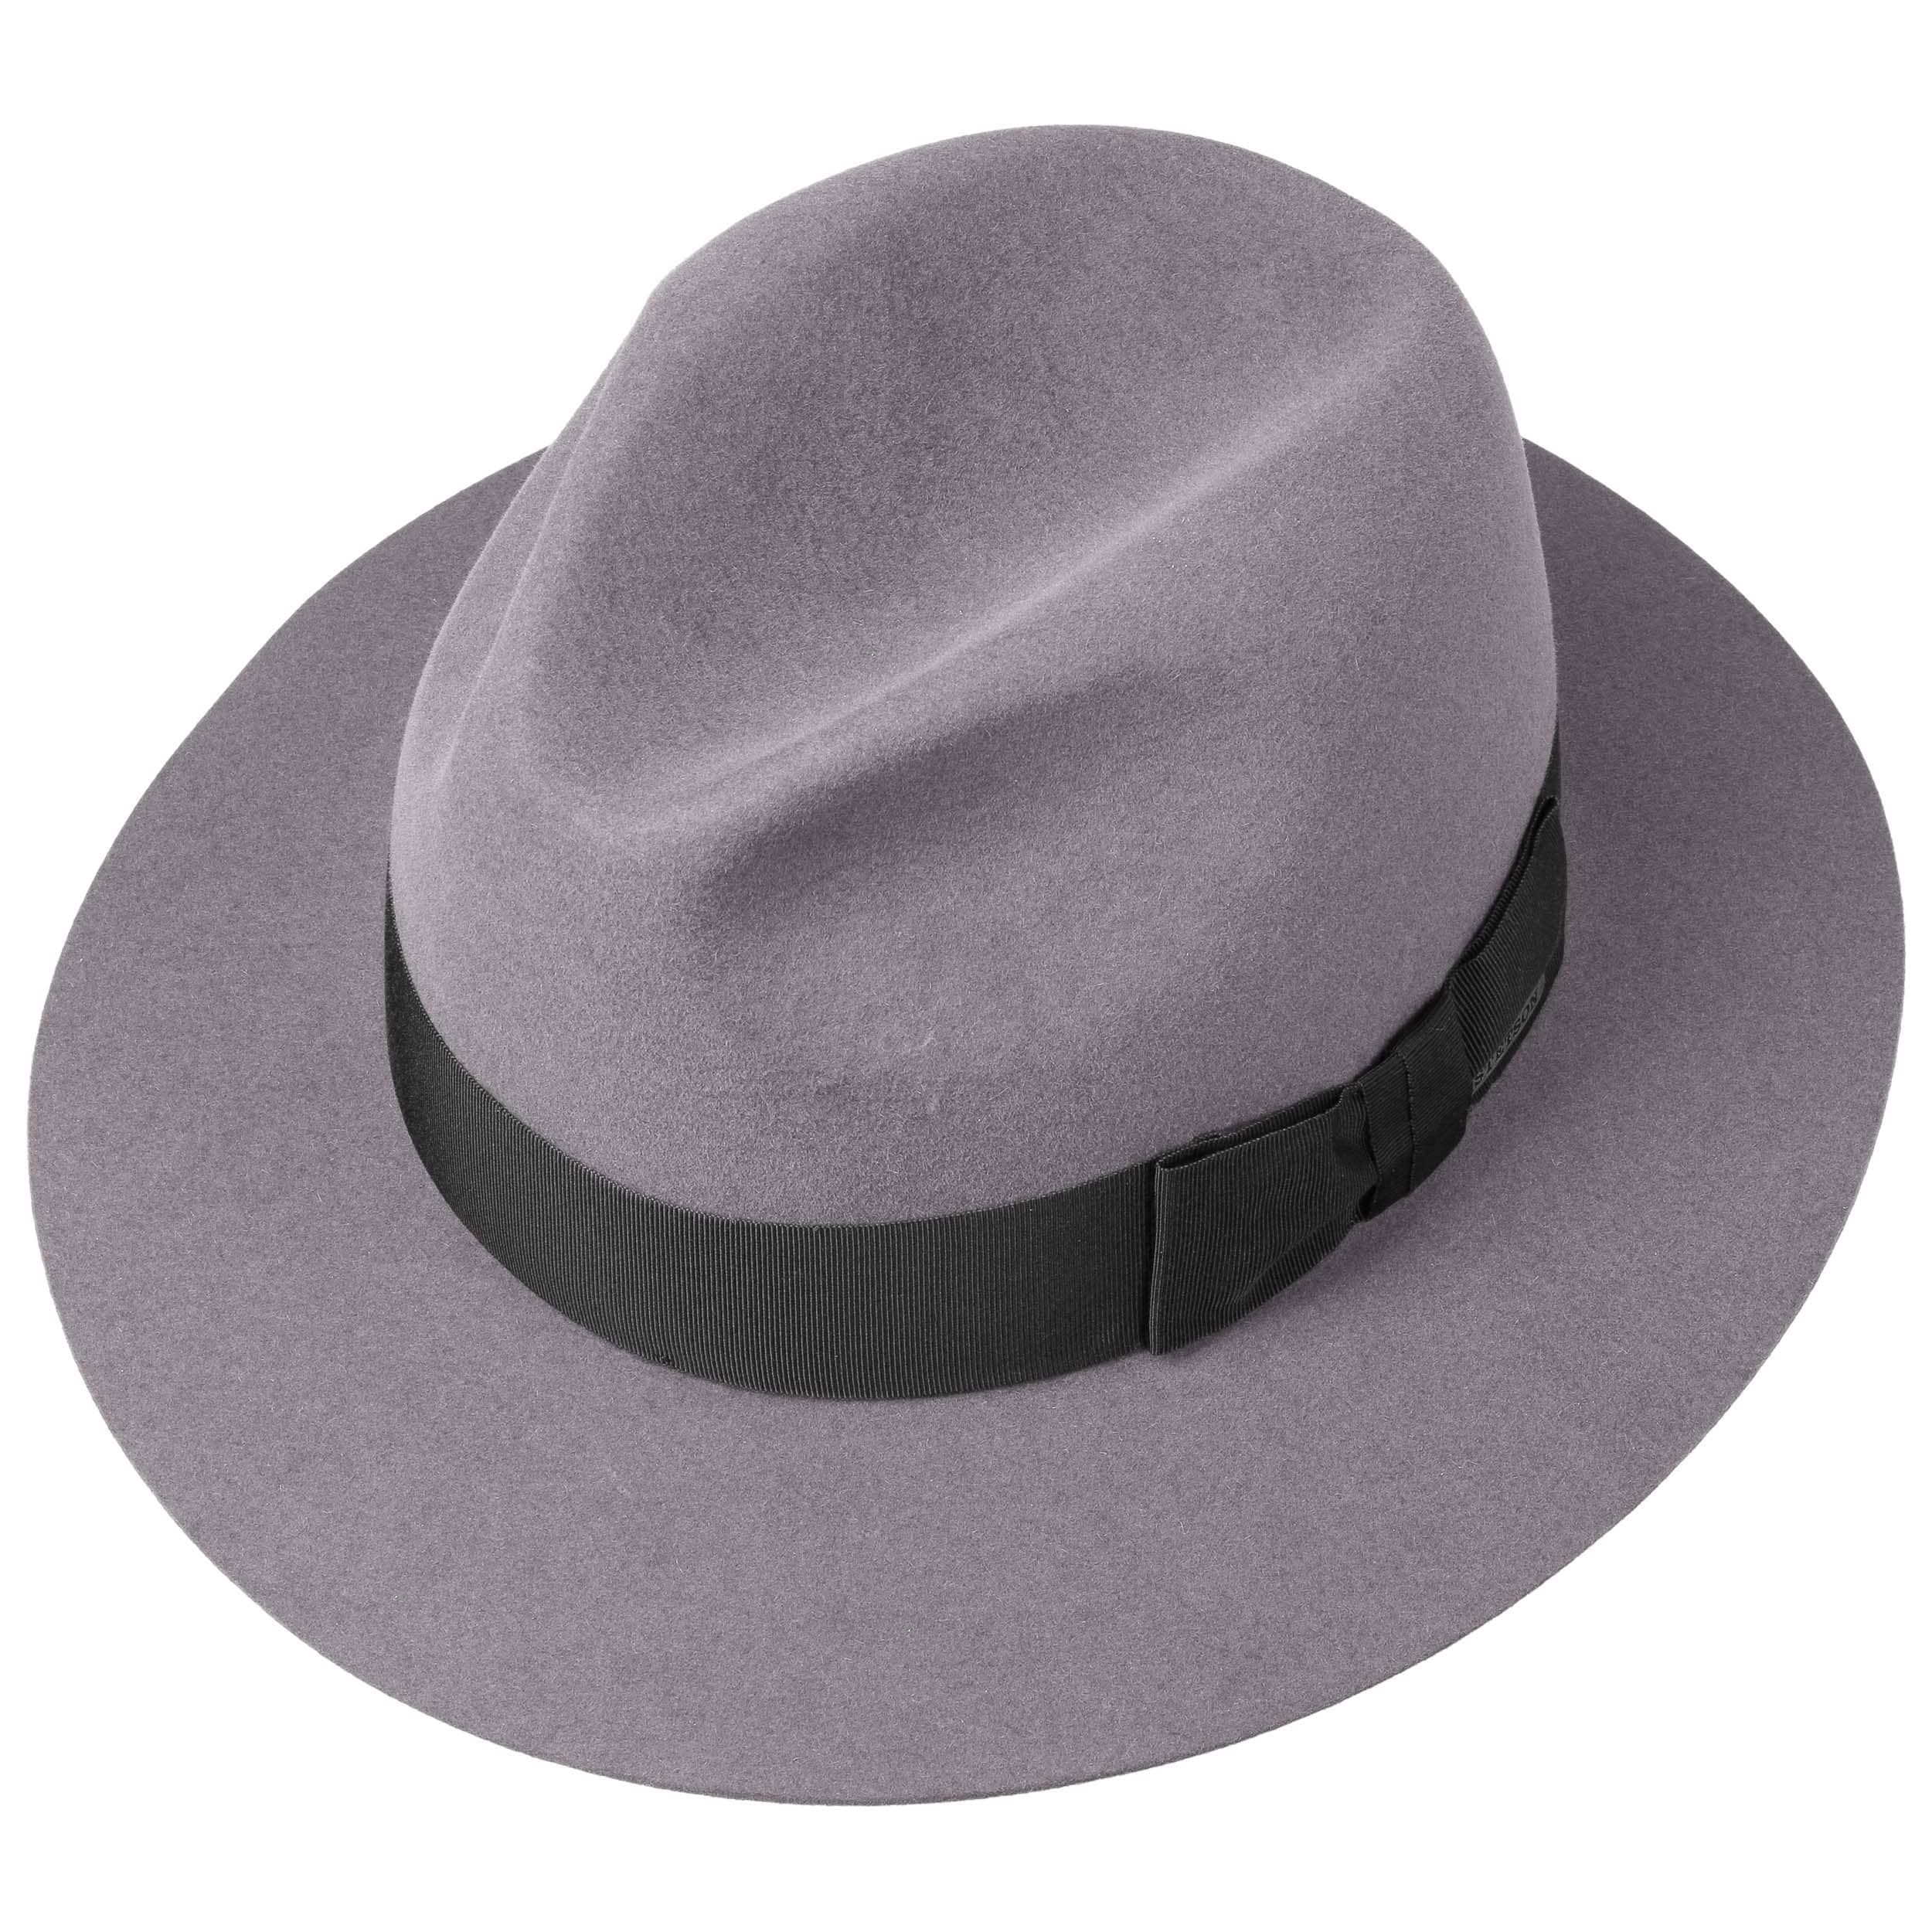 Dalion Fur Felt Hat grey